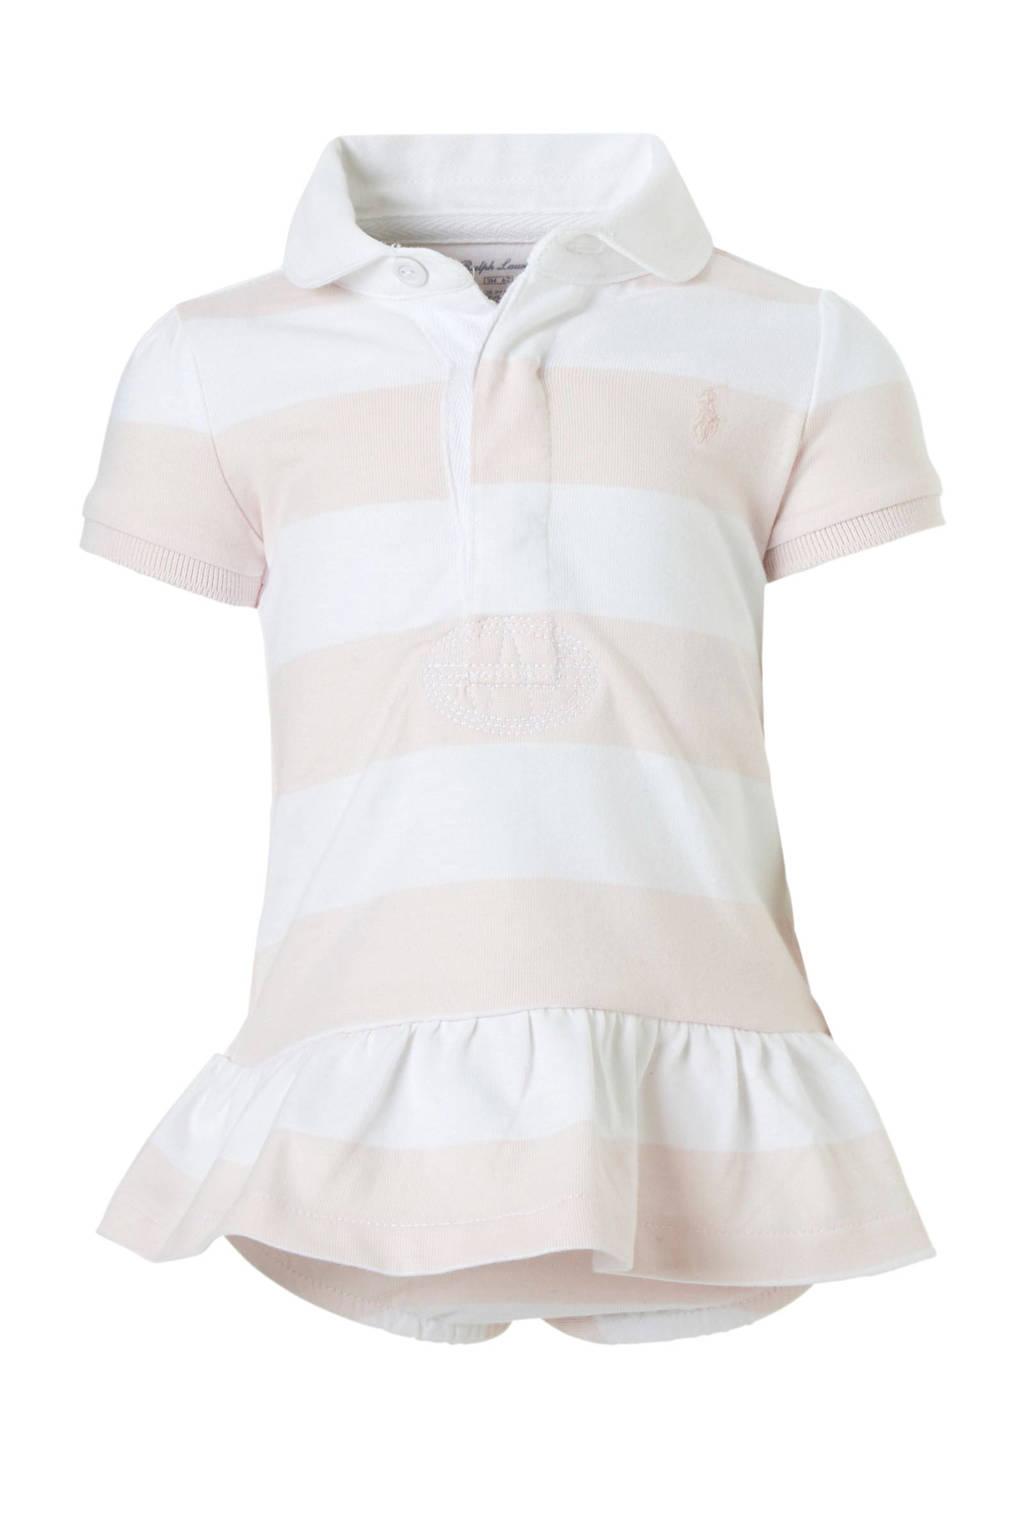 POLO Ralph Lauren gestreepte baby jurk met broek roze, Lichtroze/wit